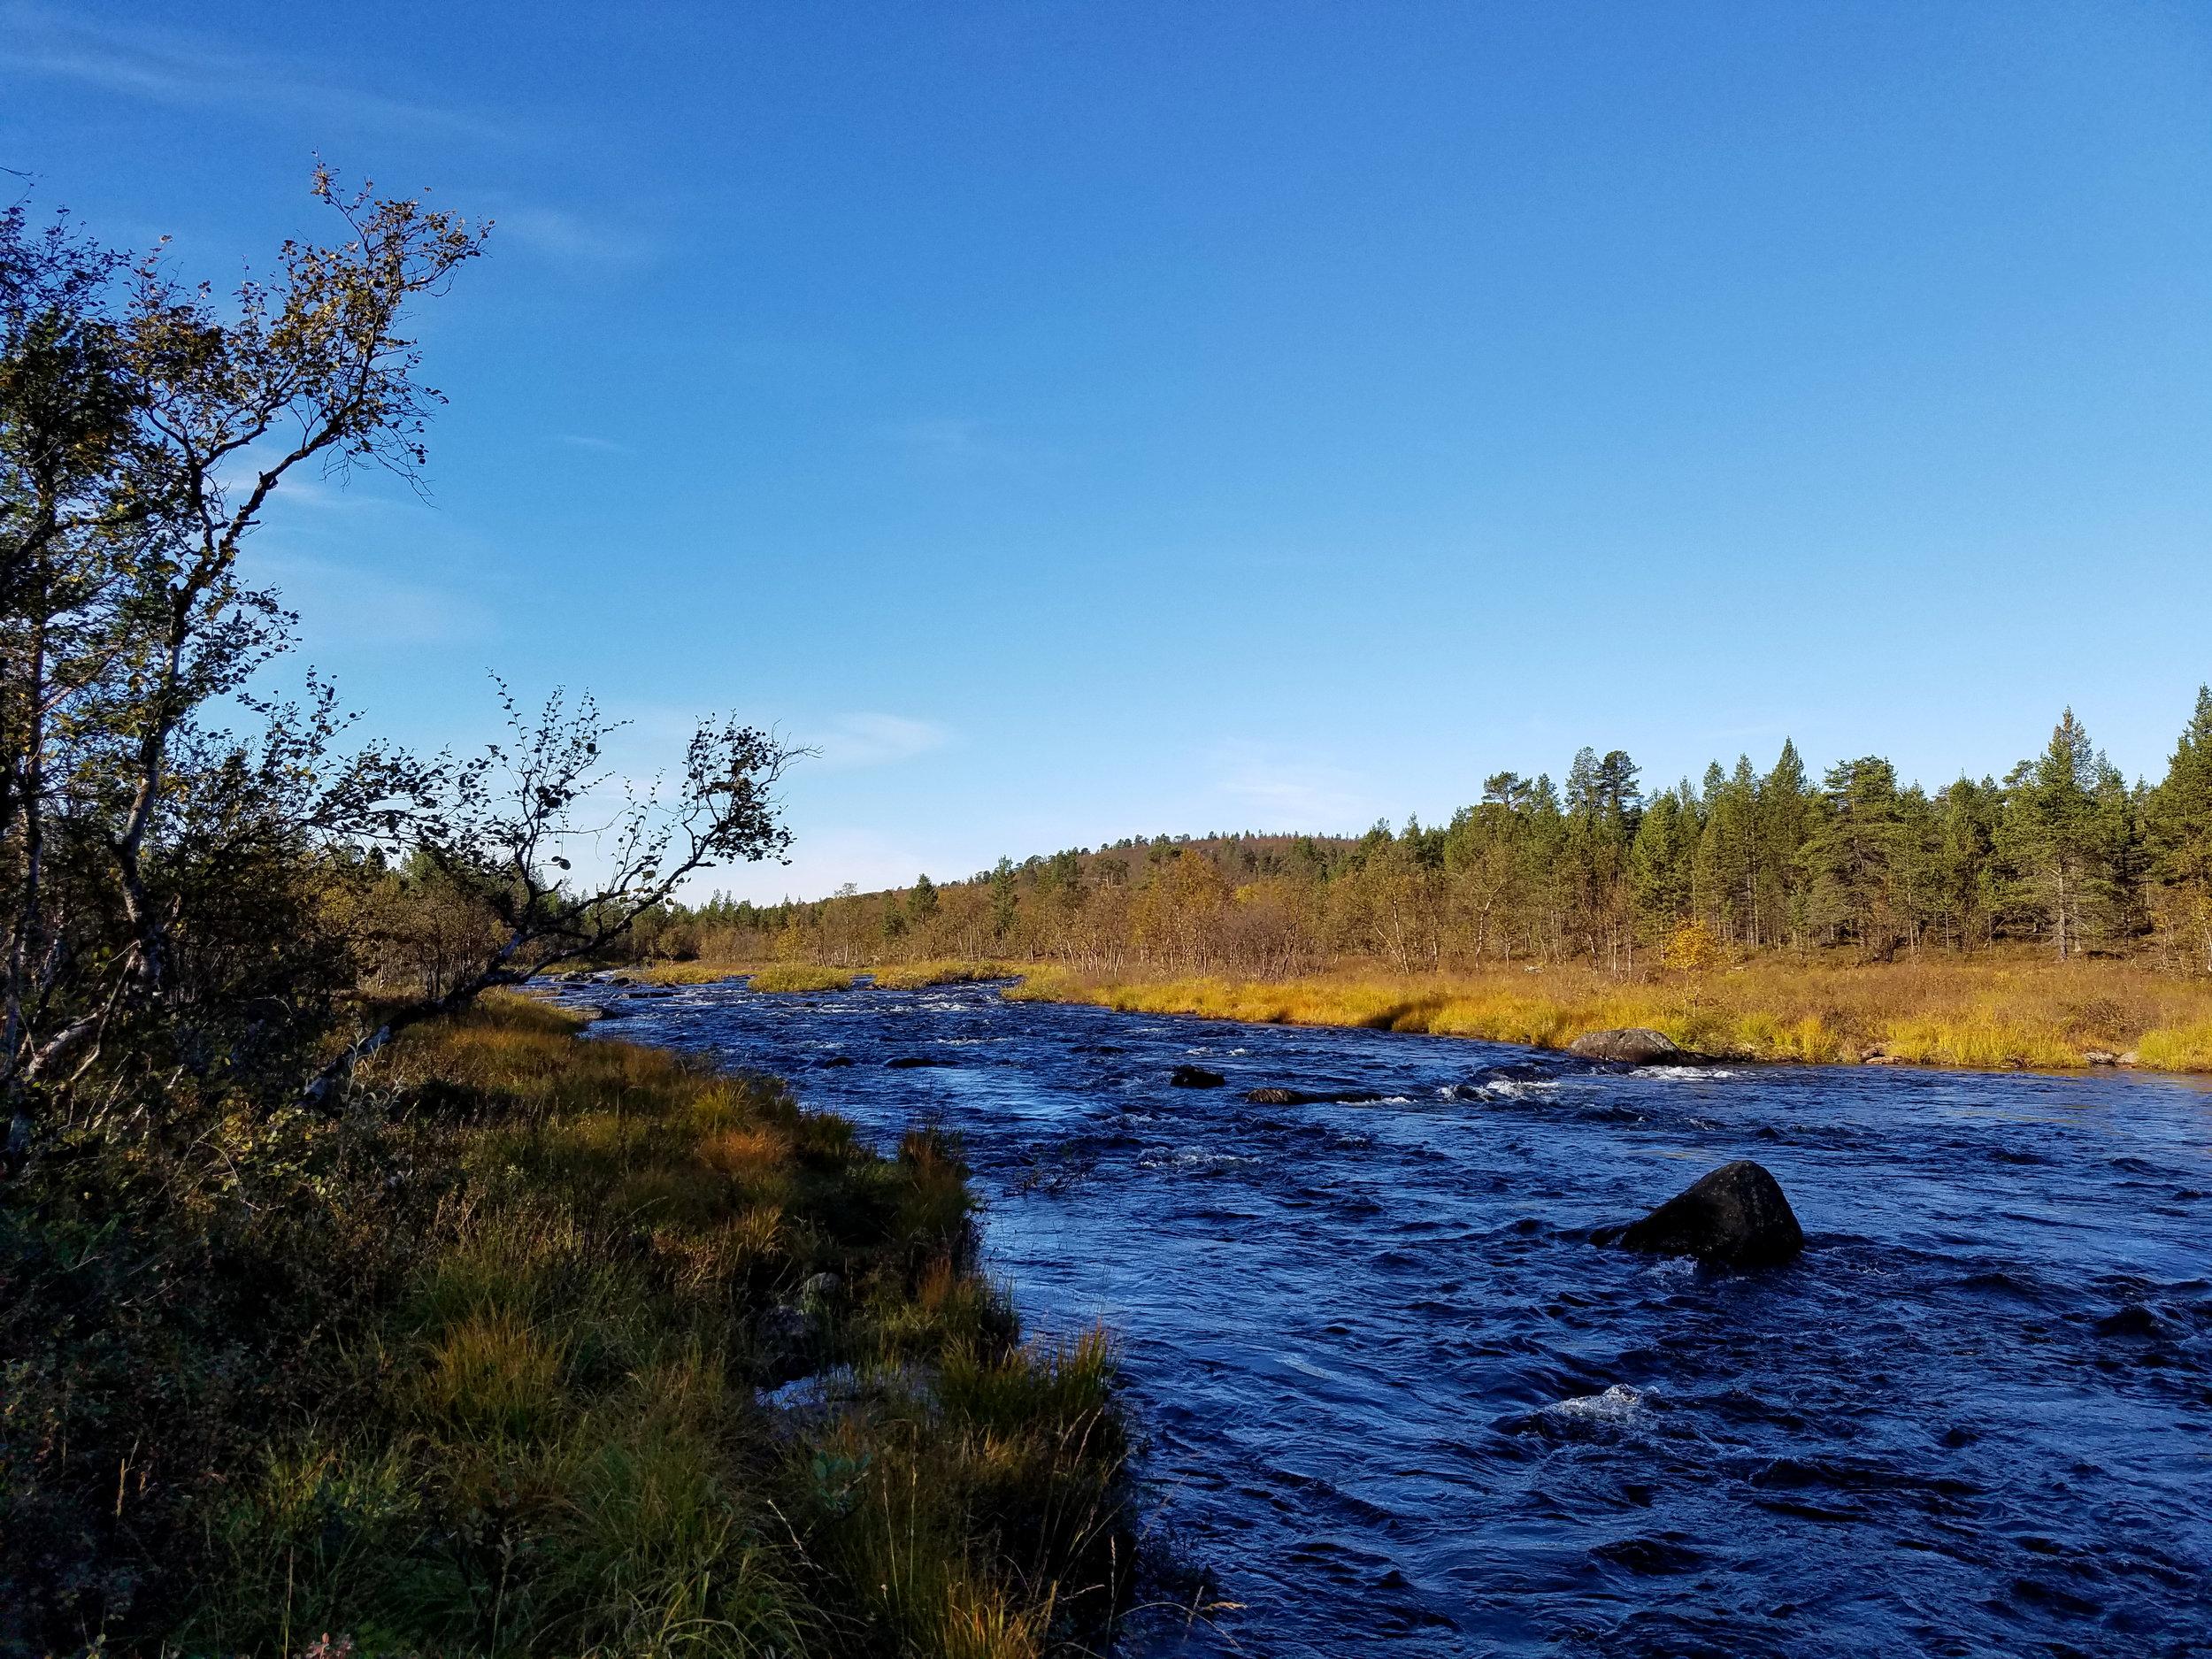 finland river.jpg